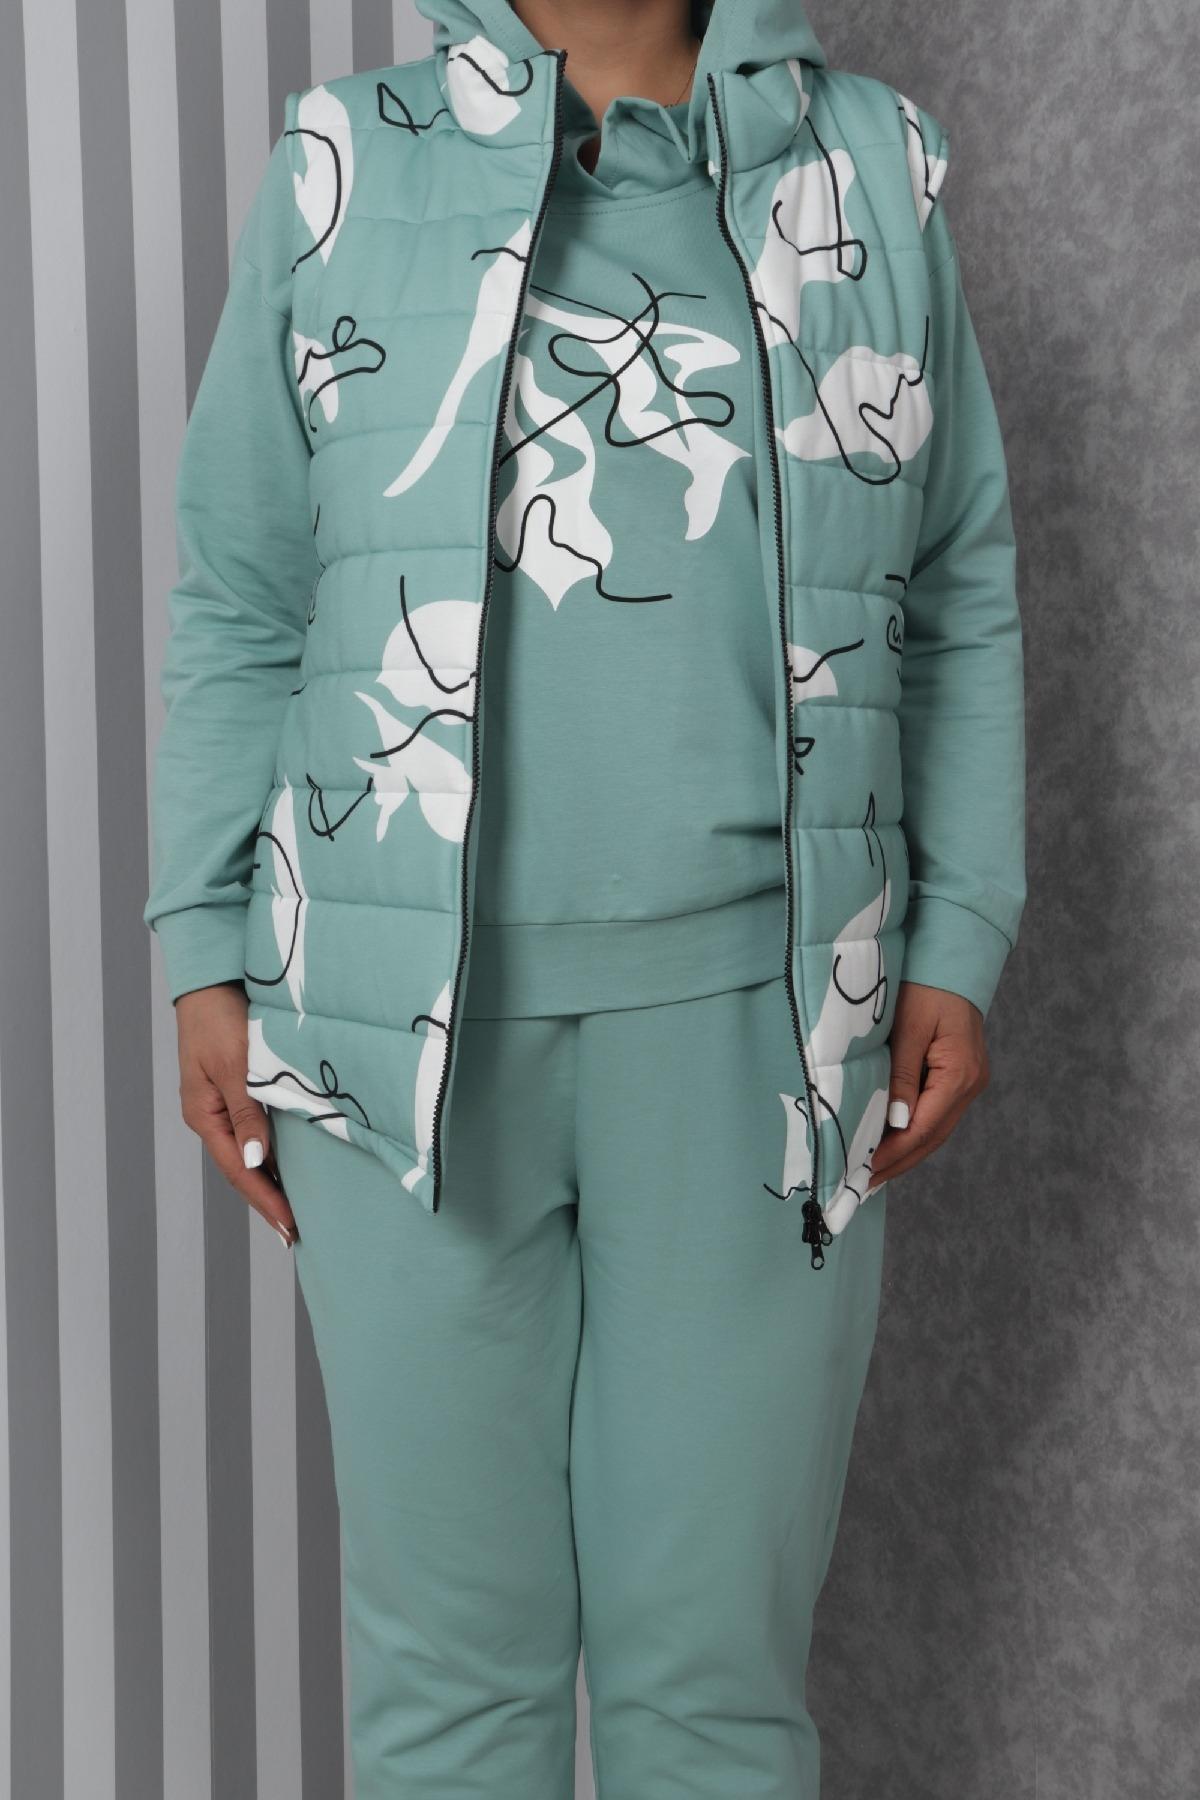 Women's 3 Piece Suits-Light green